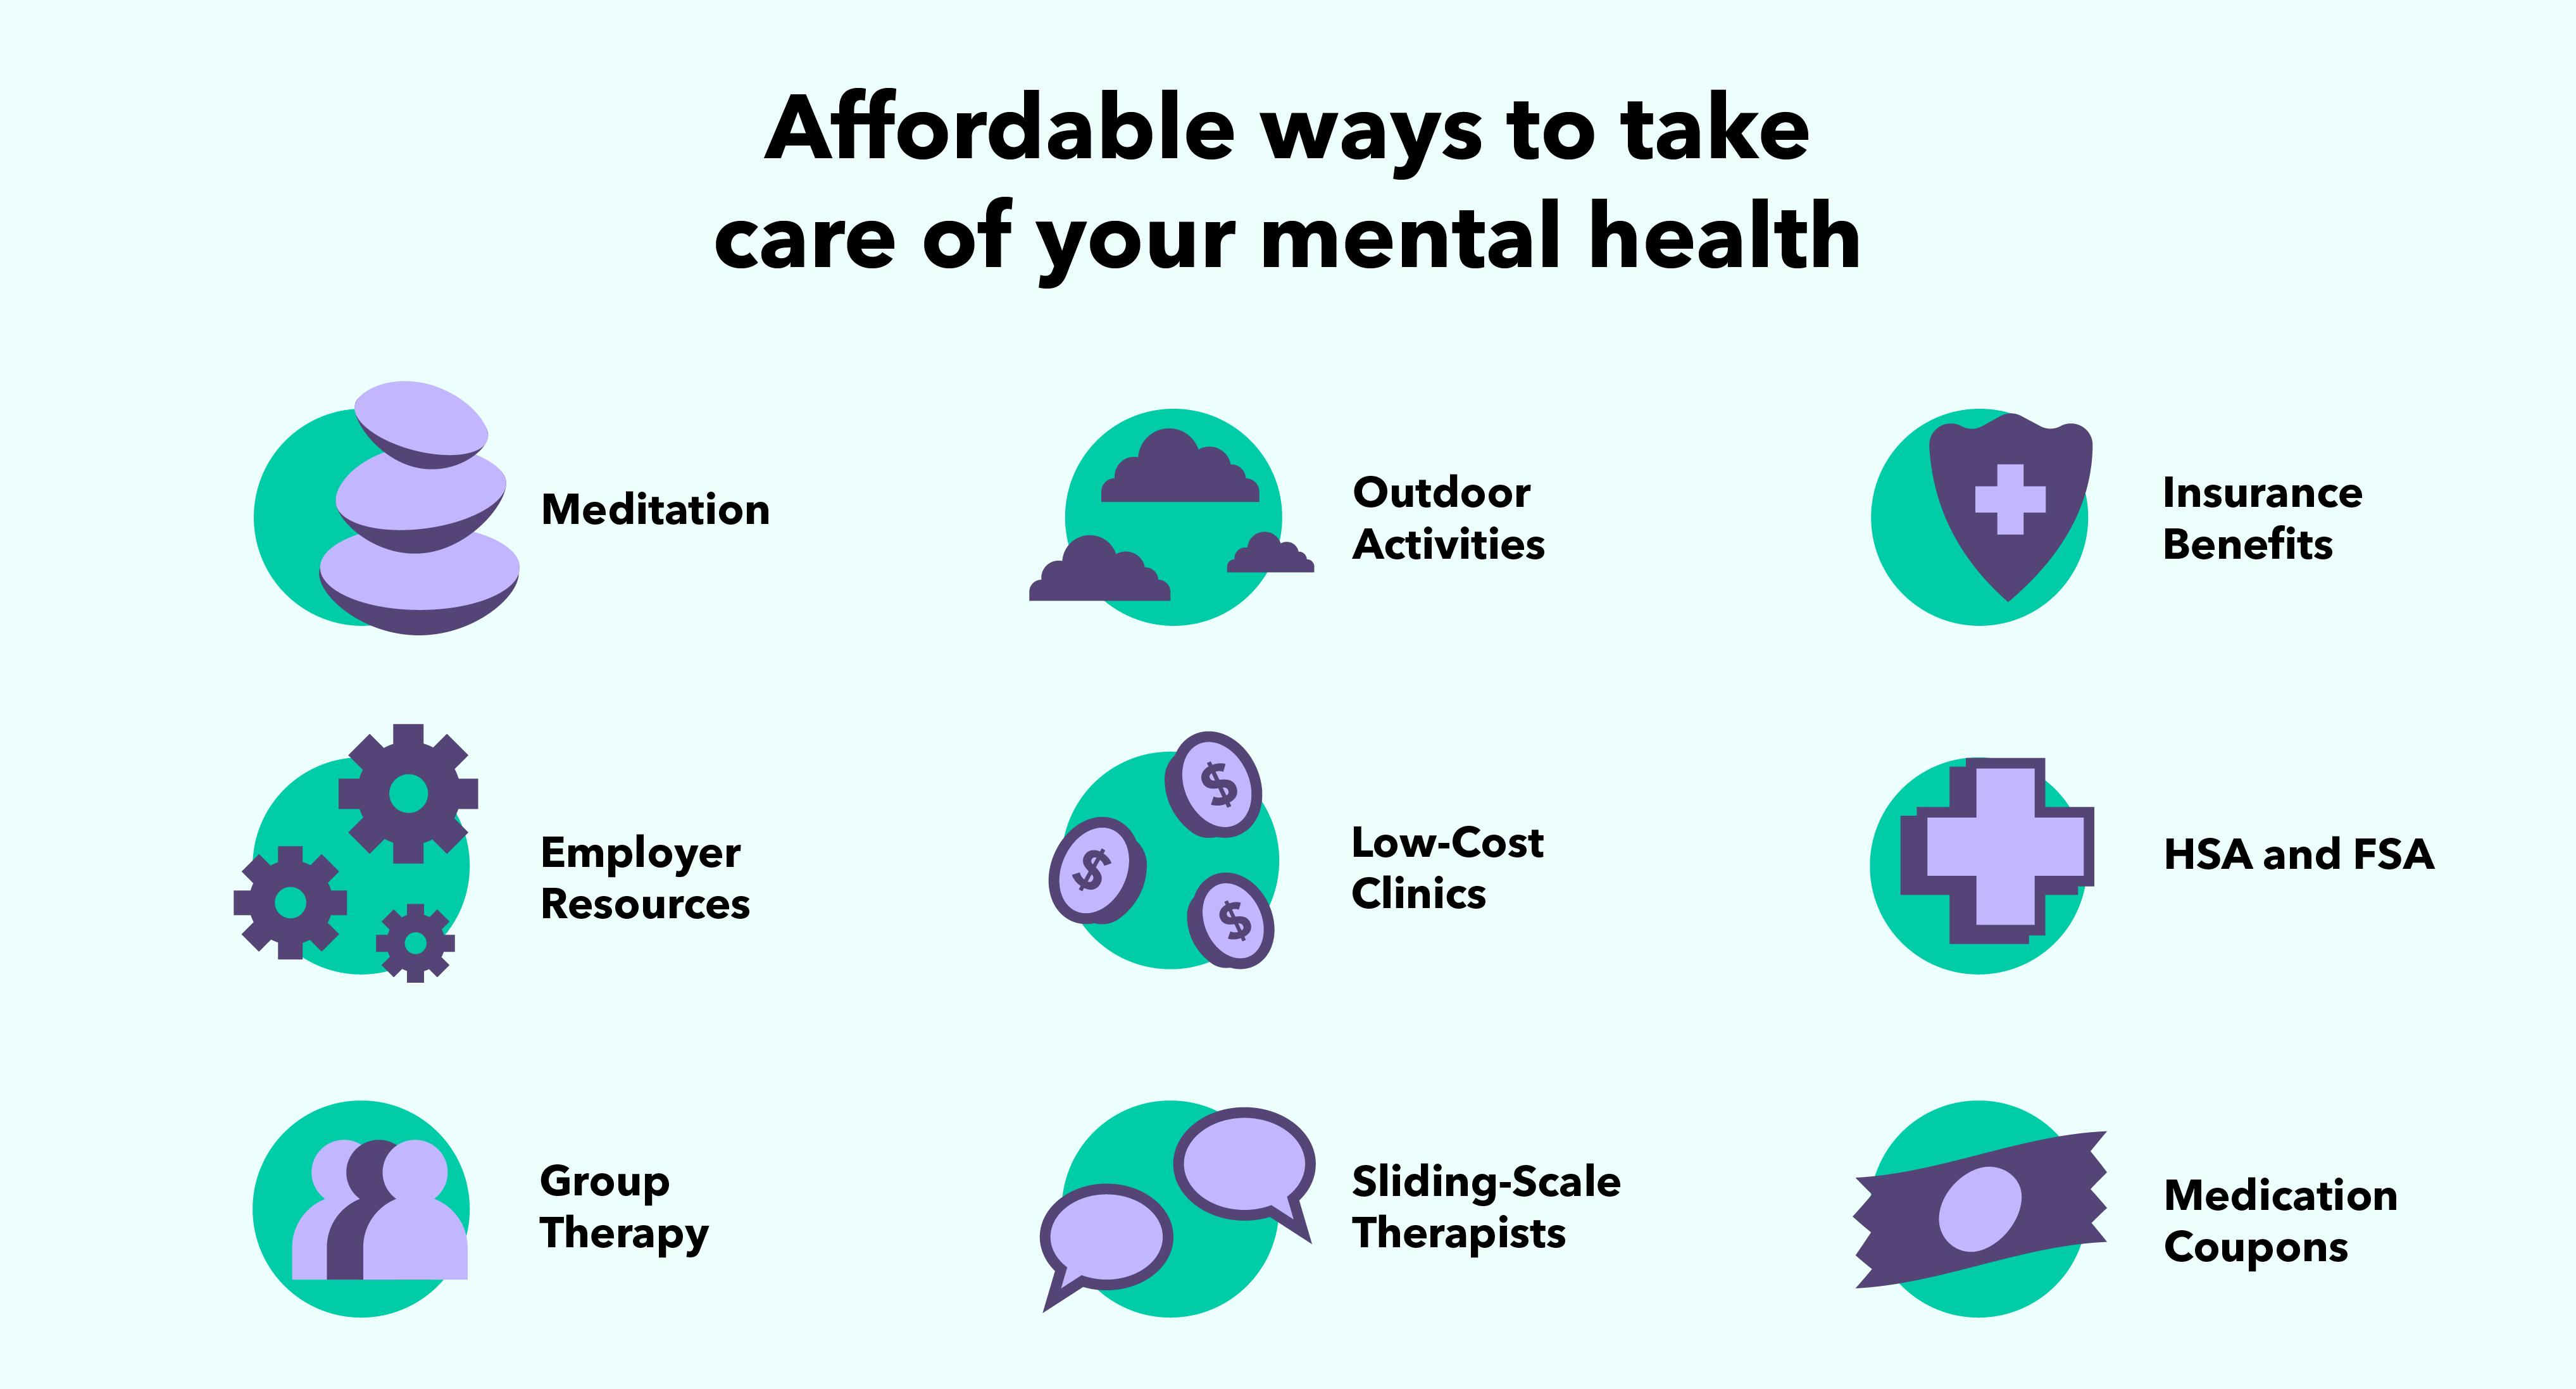 9 façons abordables de prendre soin de votre santé mentale